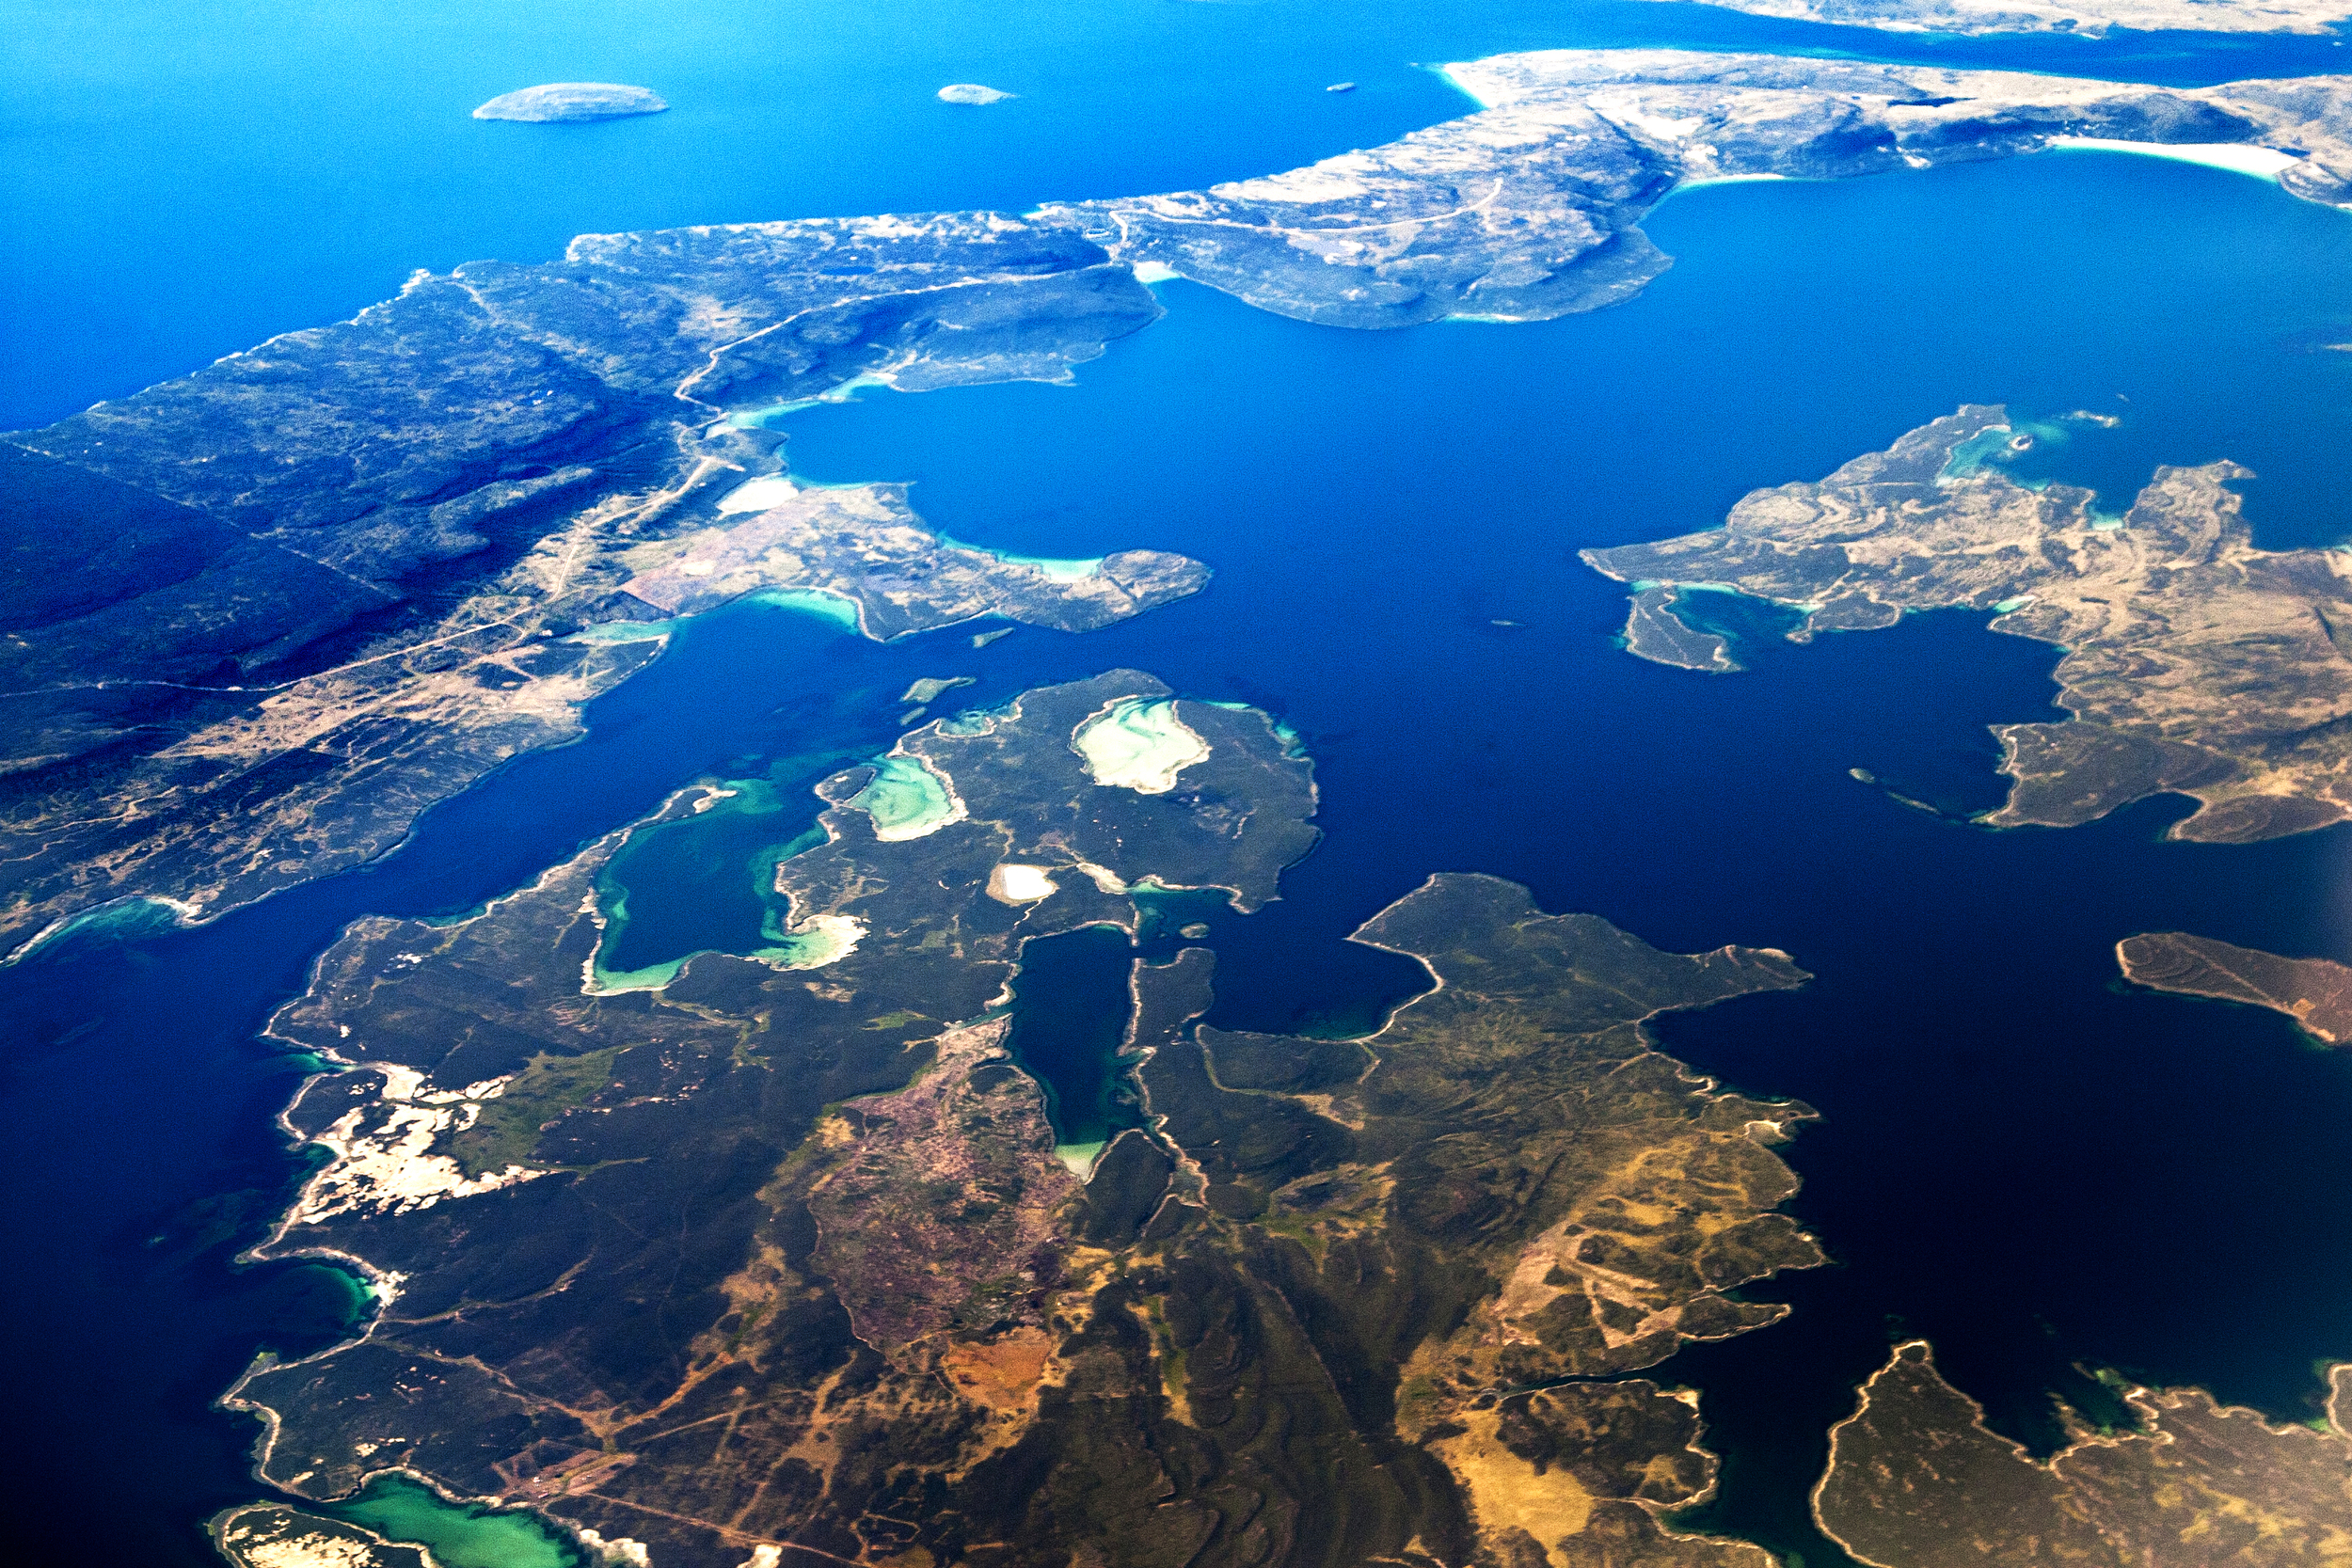 A natureza e a vida selvagem nas Ilhas Malvinas, para os argentinos, ou Falklands, para os britânicos